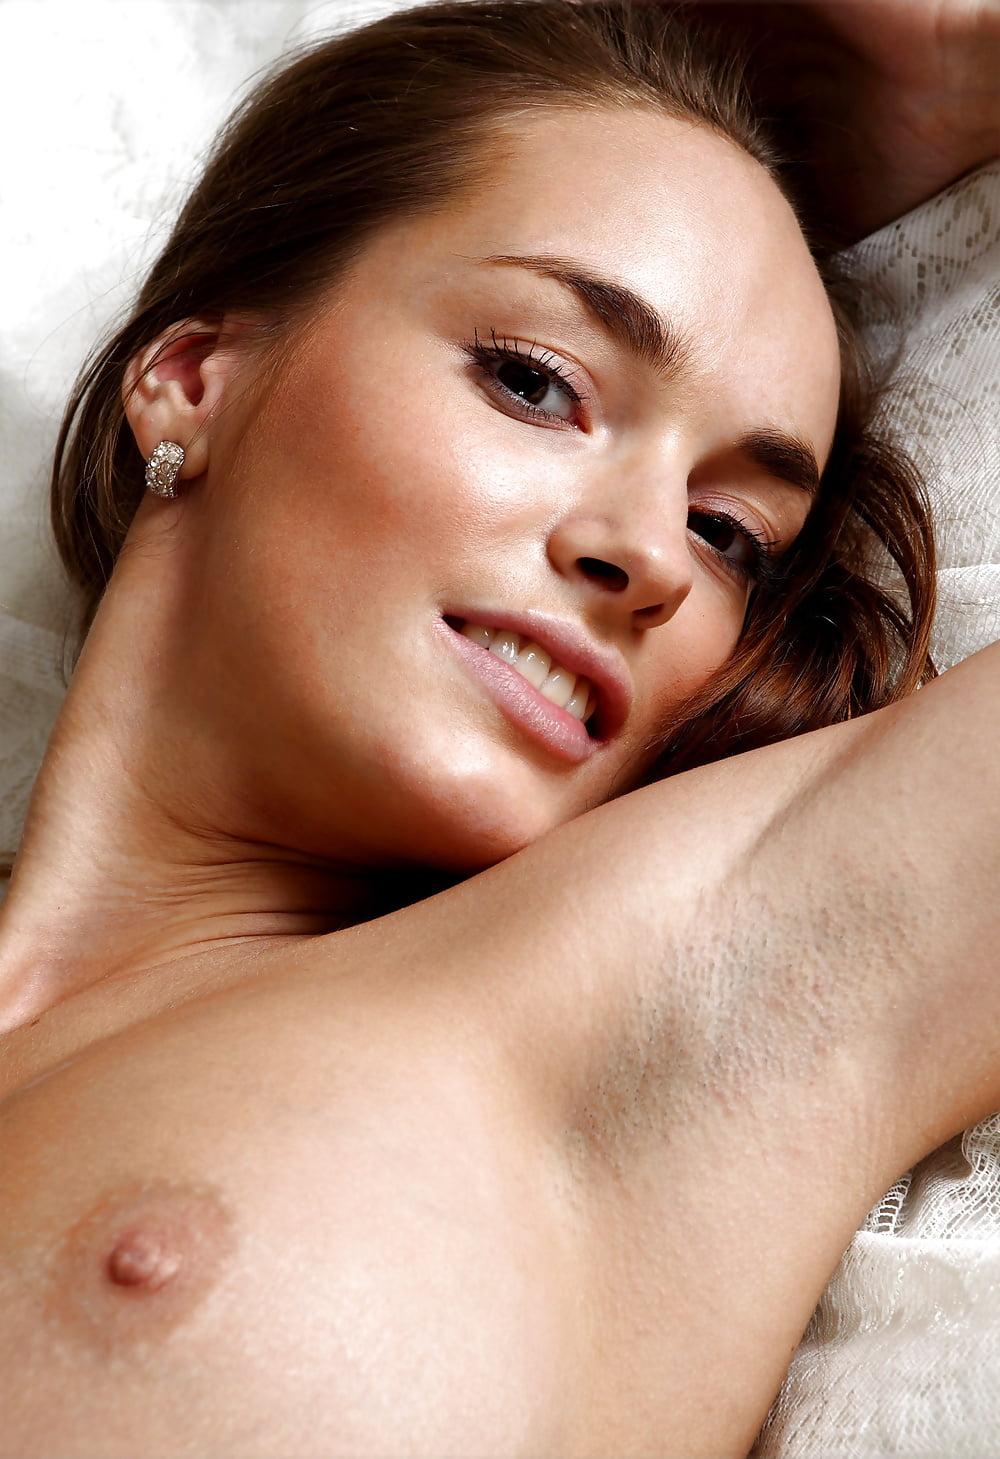 Girl Armpit Hair Porn Hot Nude